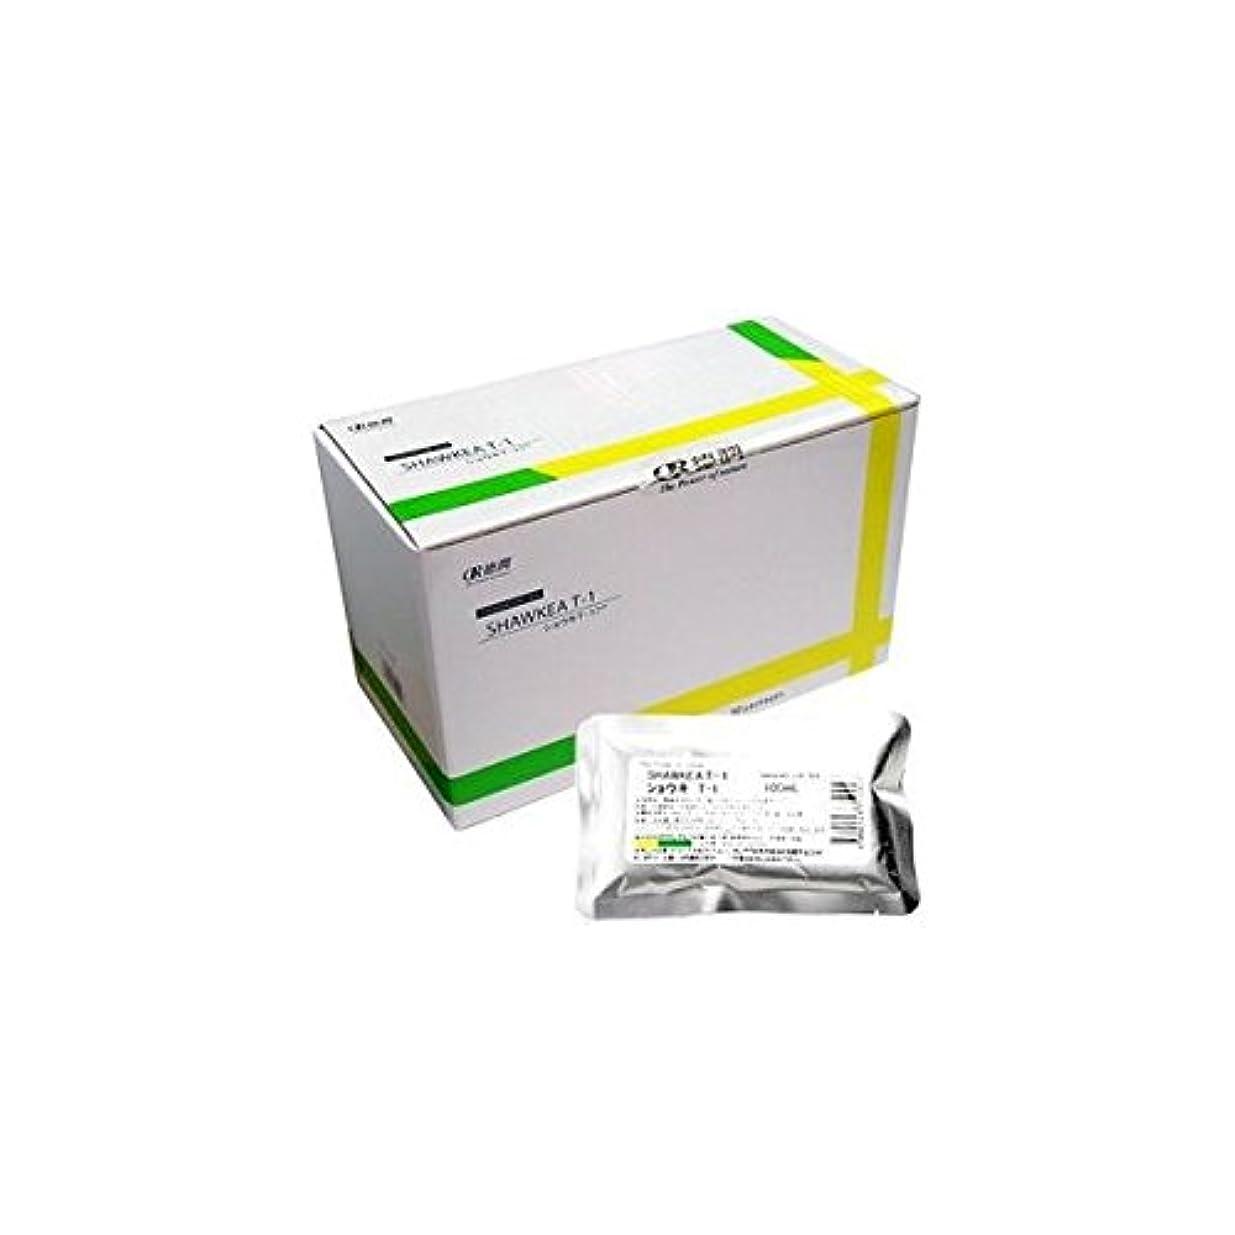 不安定強制反対に【P&G】ウエラトーン ツープラスワン(2+1) クリーム 5G(60g+60gl+7.3ml) (医薬部外品)(お買い得3個セット)